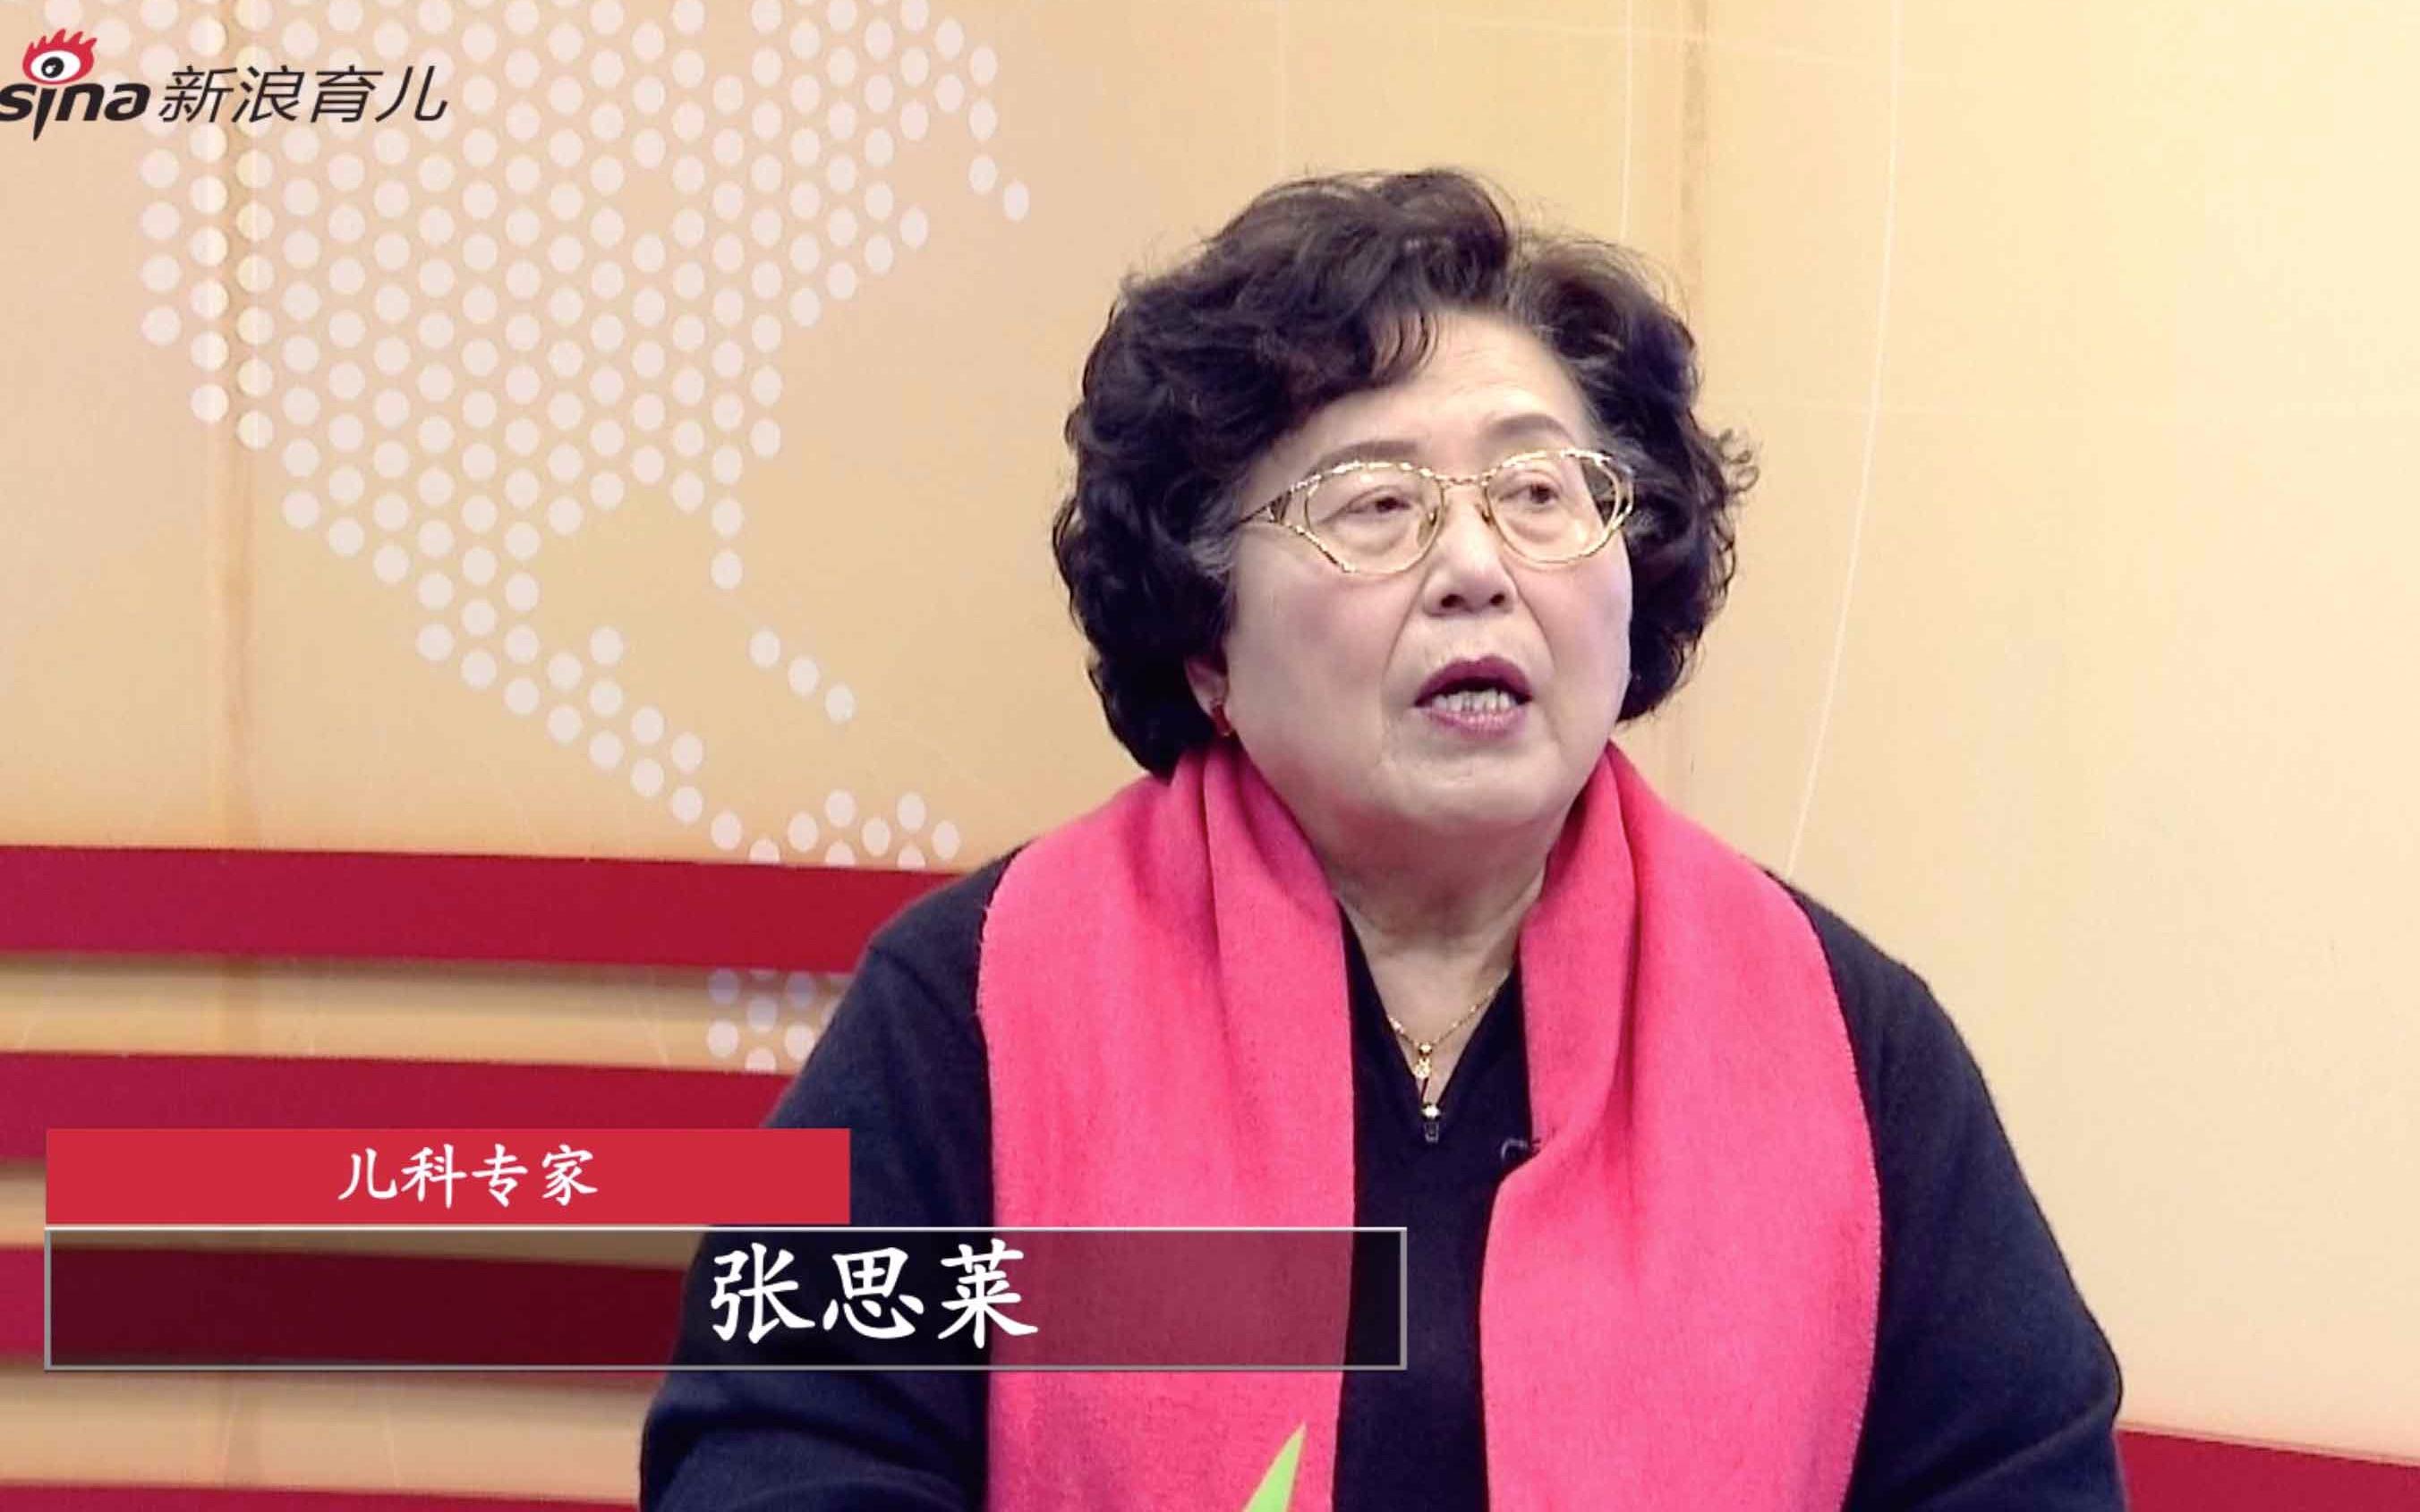 儿科专家张思莱:宝宝是过敏体质能根治吗?